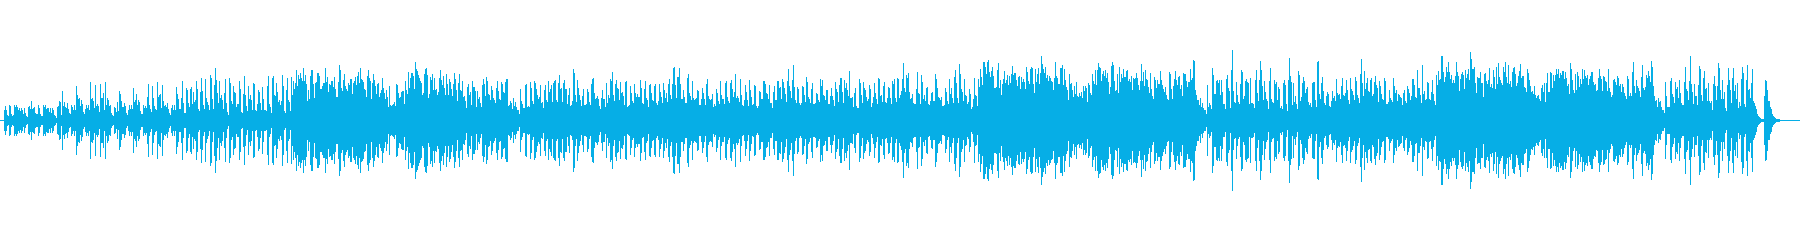 キラキラしたメルヘンチックな楽曲の再生済みの波形